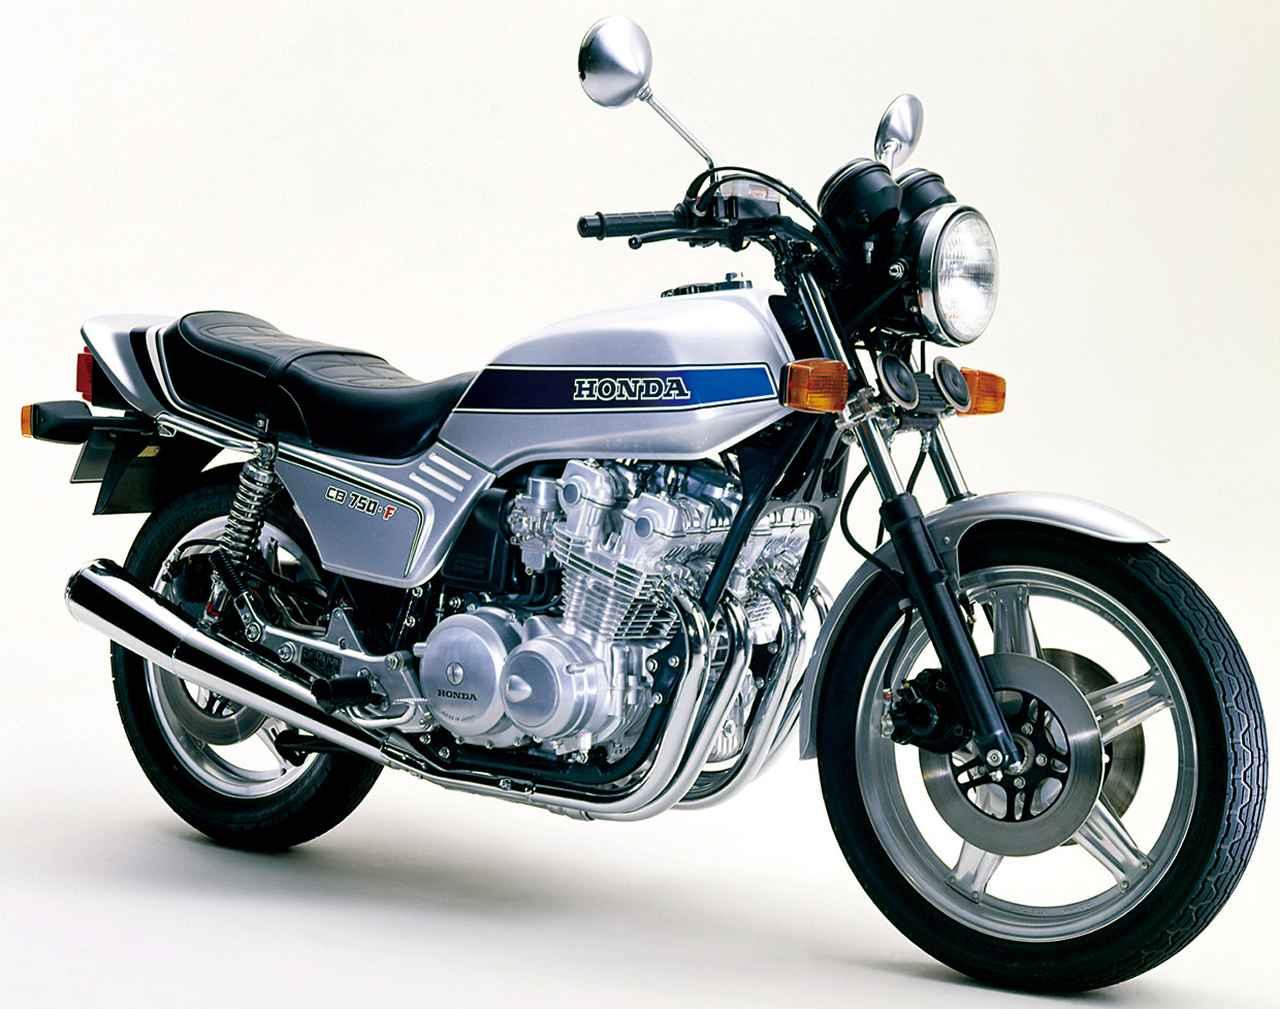 画像: CB750F 1979年 CB900Fから遅れること1年、当時の日本国内の上限排気量である750㏄版が登場。国内初のジュラルミン鍛造セパレートハンドルの採用など装備も豪華で、瞬く間に大ヒット、国内モデルのフラッグシップとなった。名作漫画「バリバリ伝説」の主人公、グンの愛車。